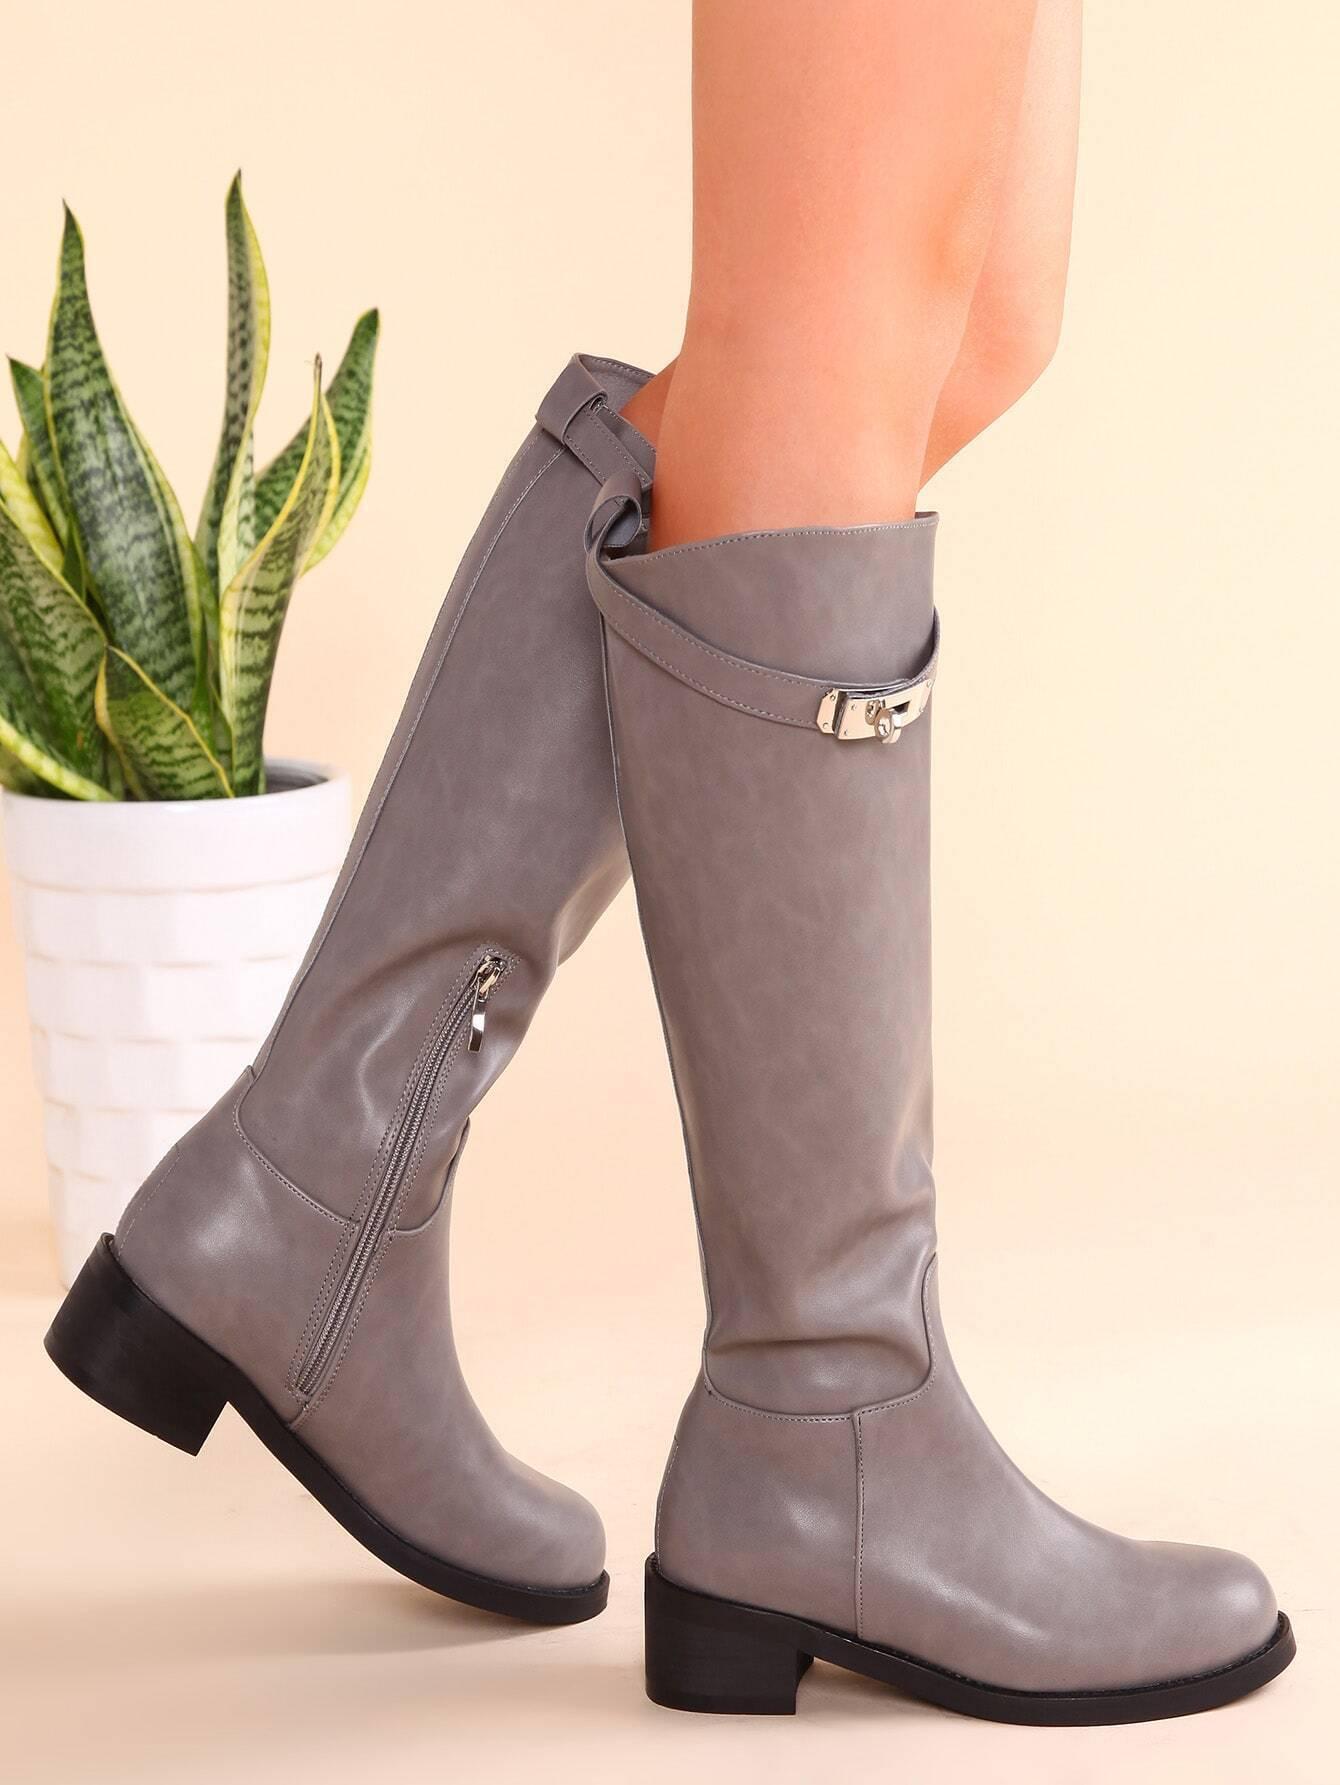 shoes161109814_2